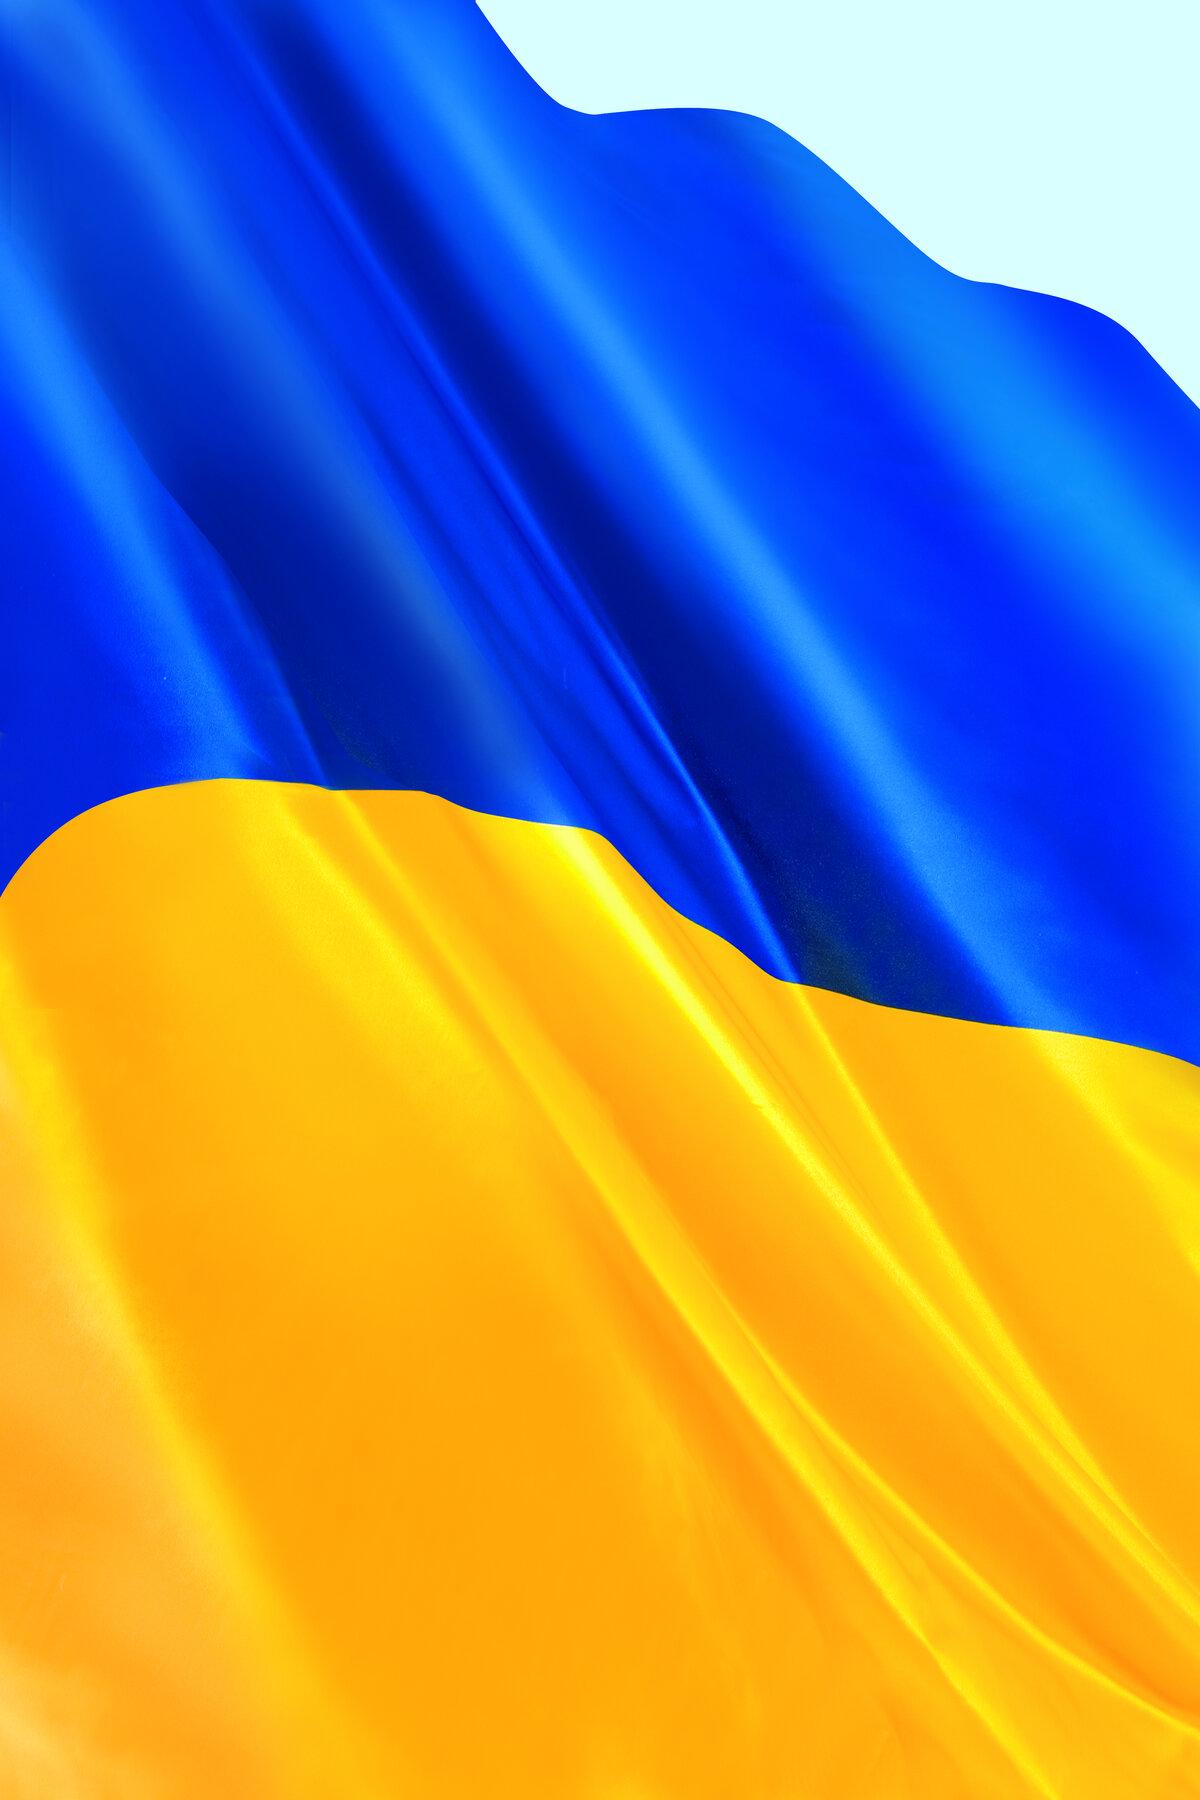 Картинки на телефон с украинским флагом